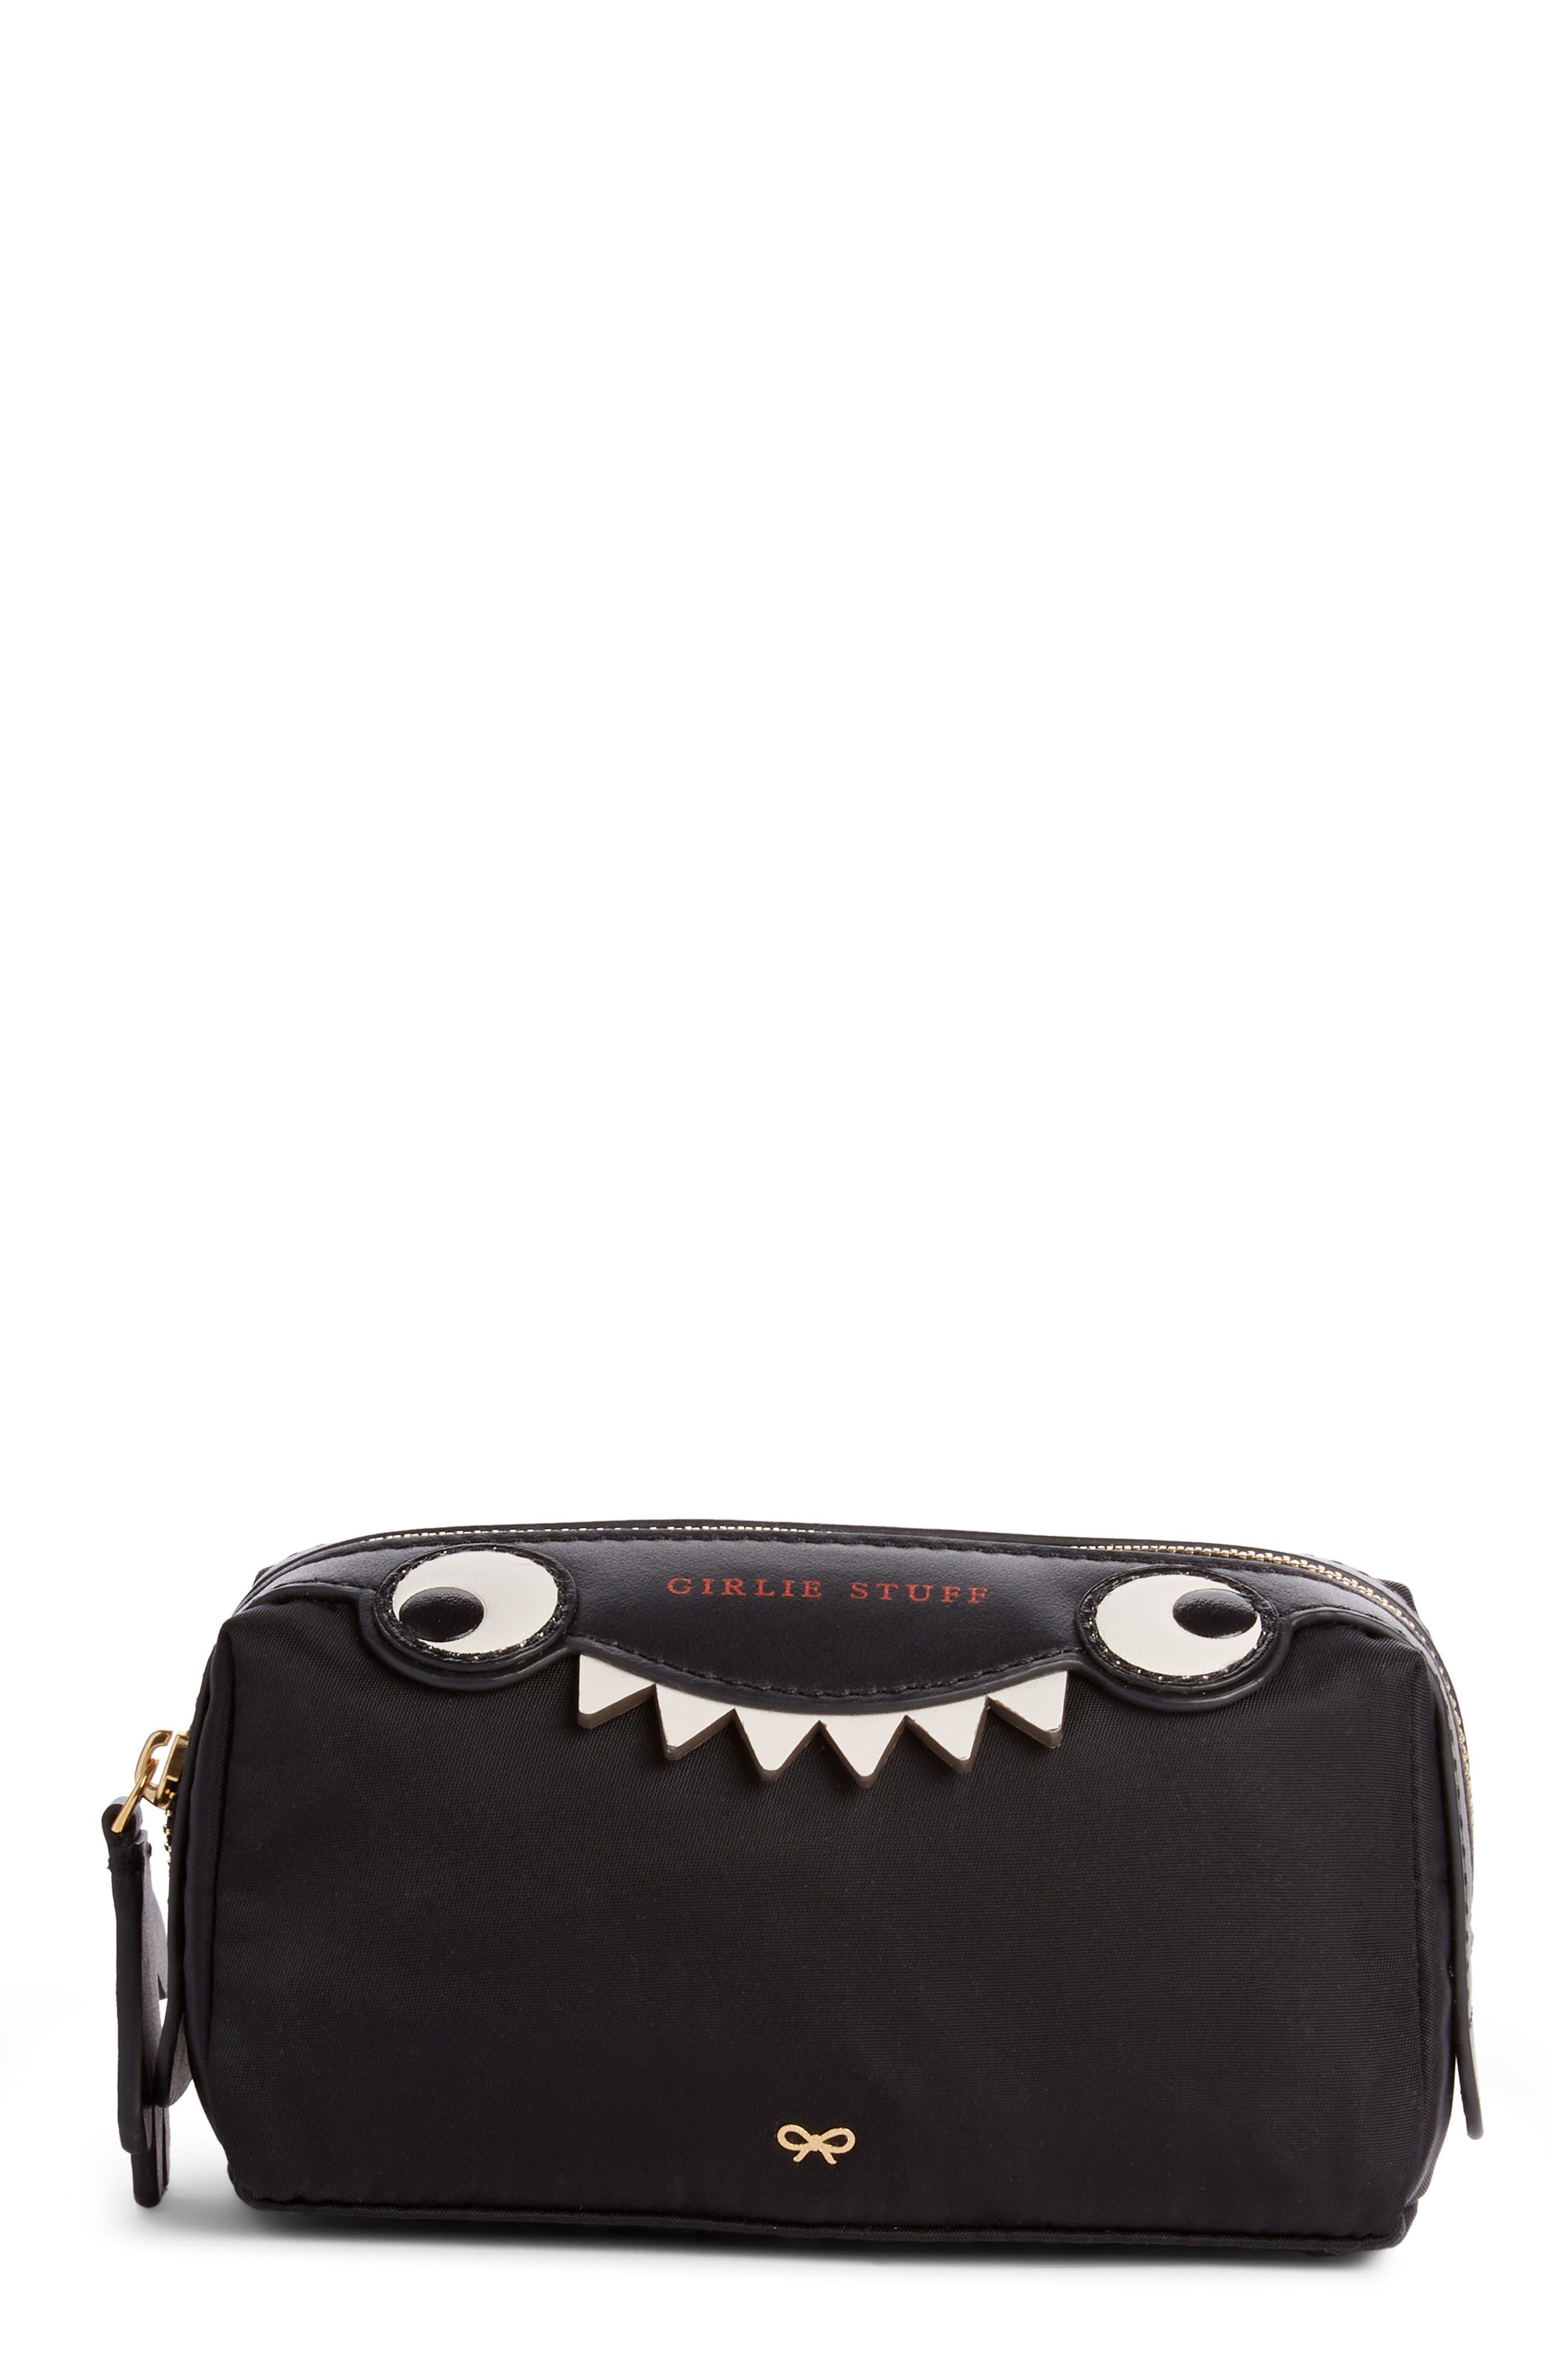 Girlie Stuff Monster Cosmetics Case in Black